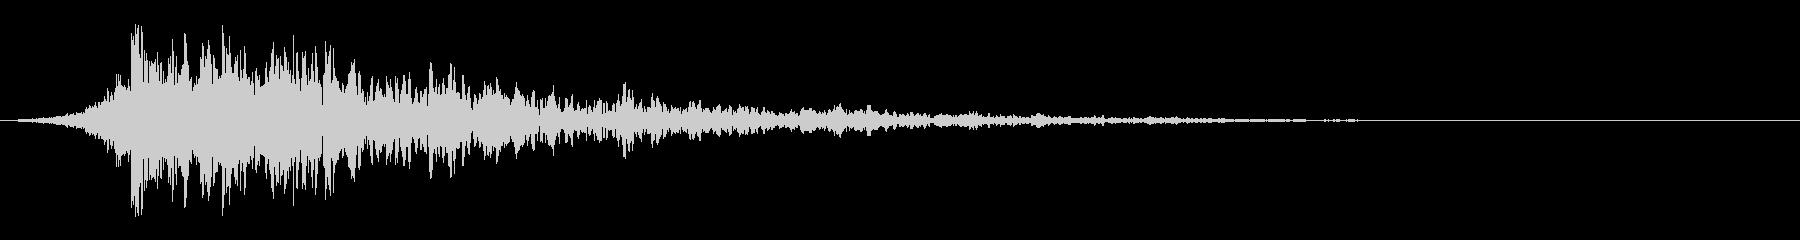 シュードーン-45-2(インパクト音)の未再生の波形